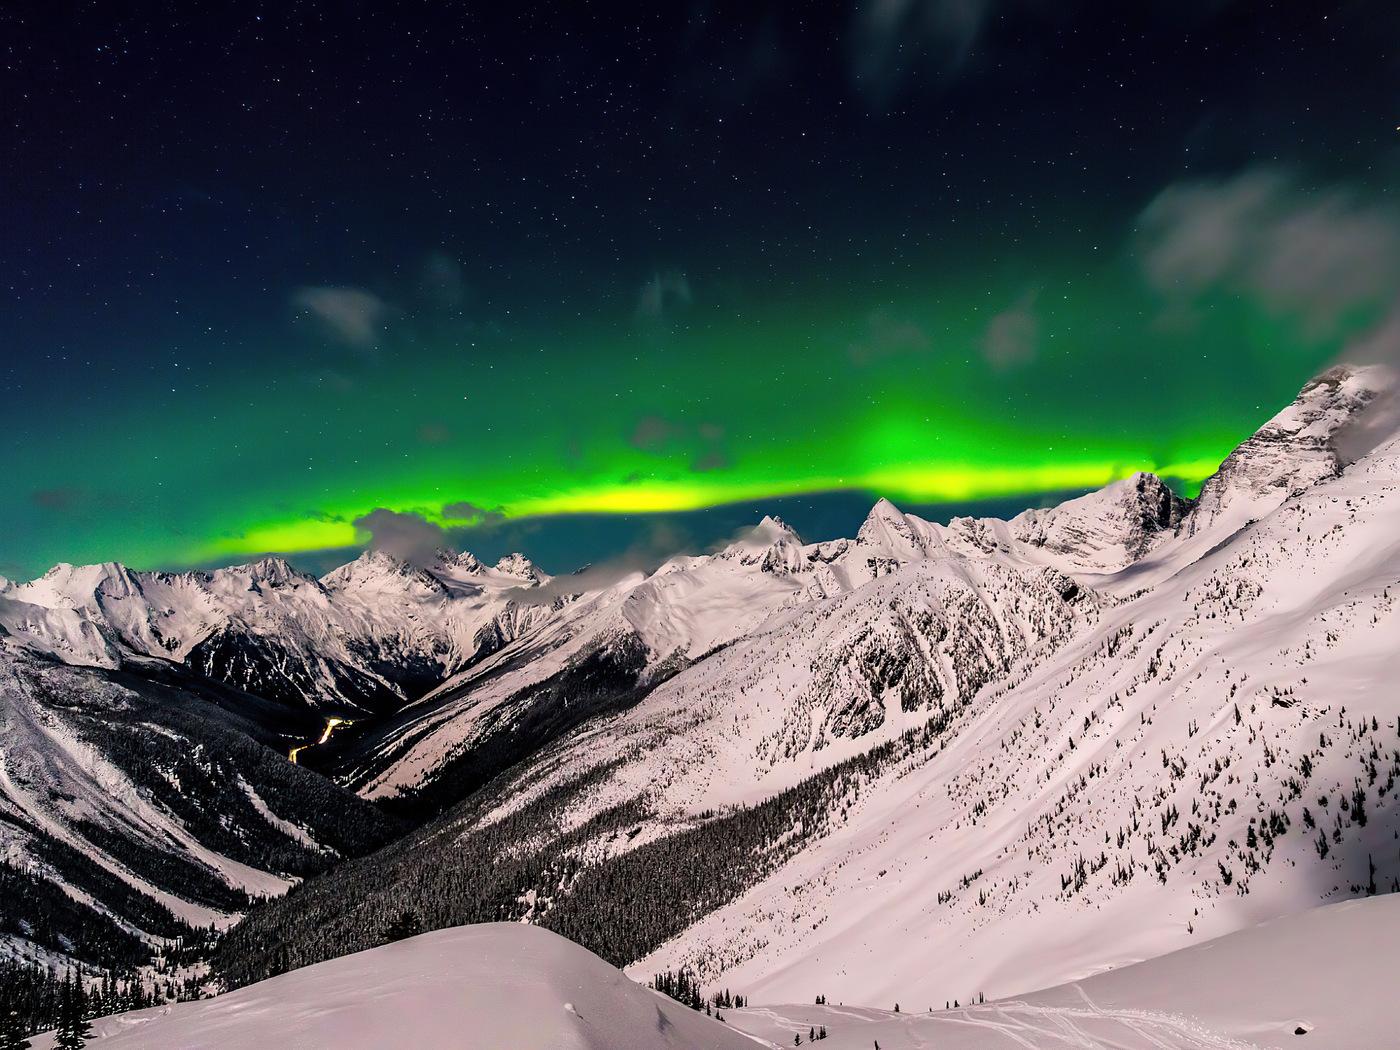 british-columbia-aurora-8k-1b.jpg